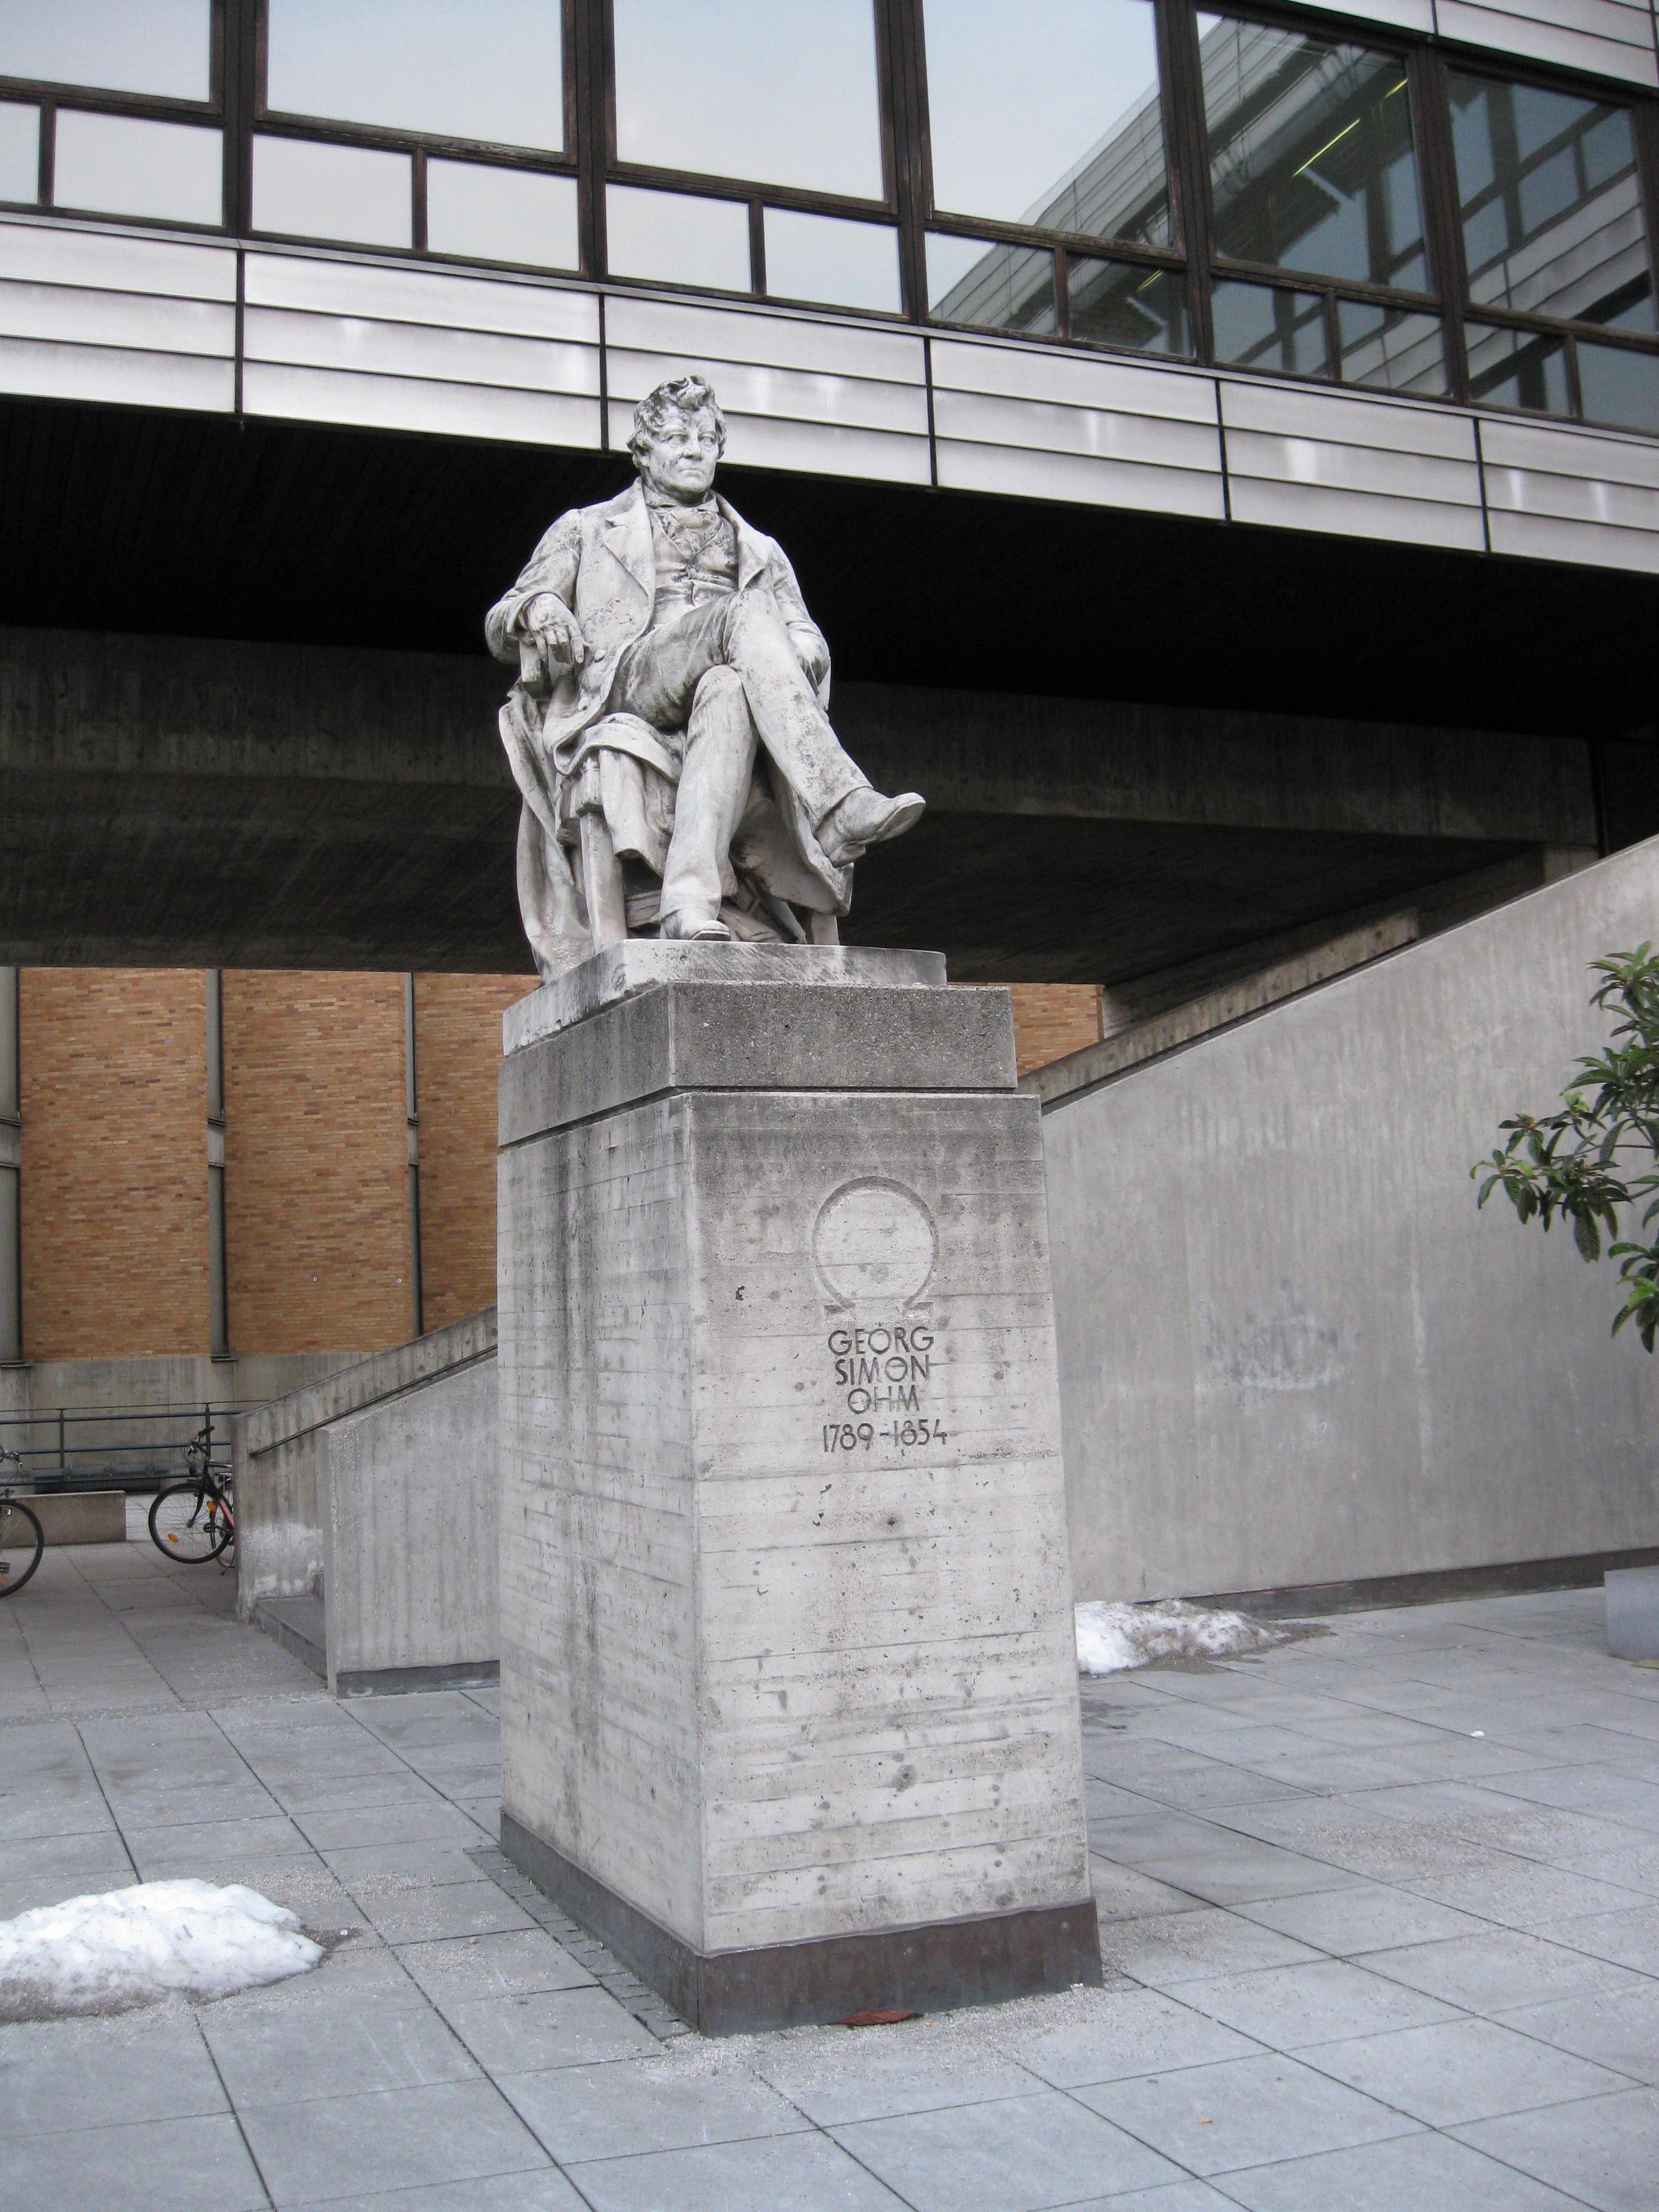 Памятник Георгу Ому возле Технического университета в Мюнхене